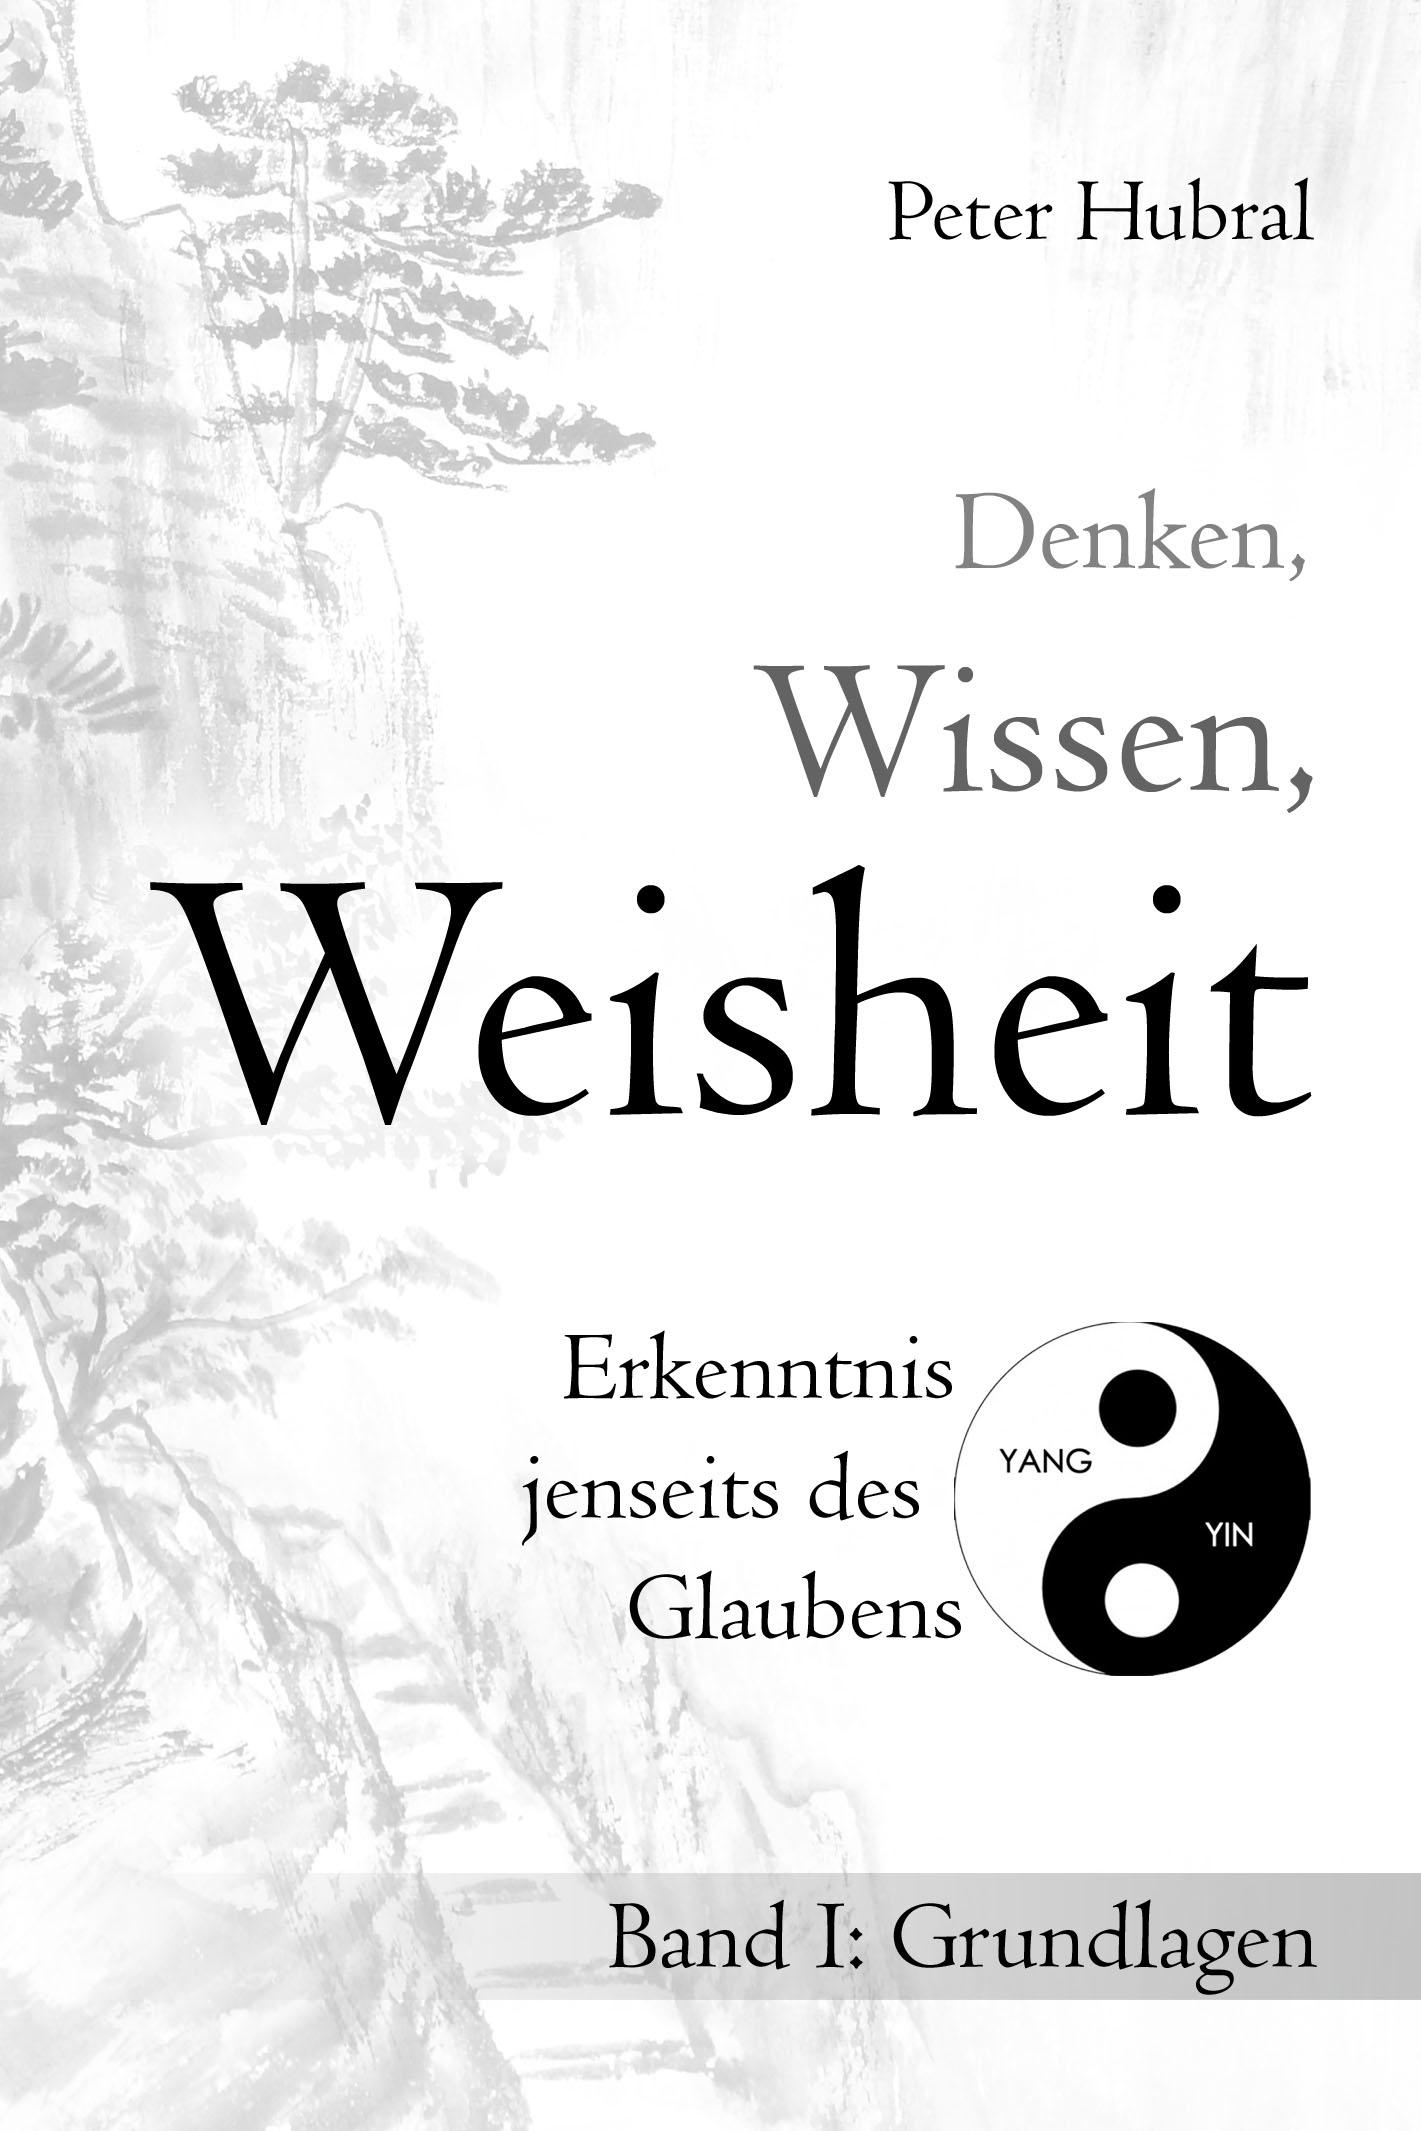 Denken, Wissen, Weisheit - Band I